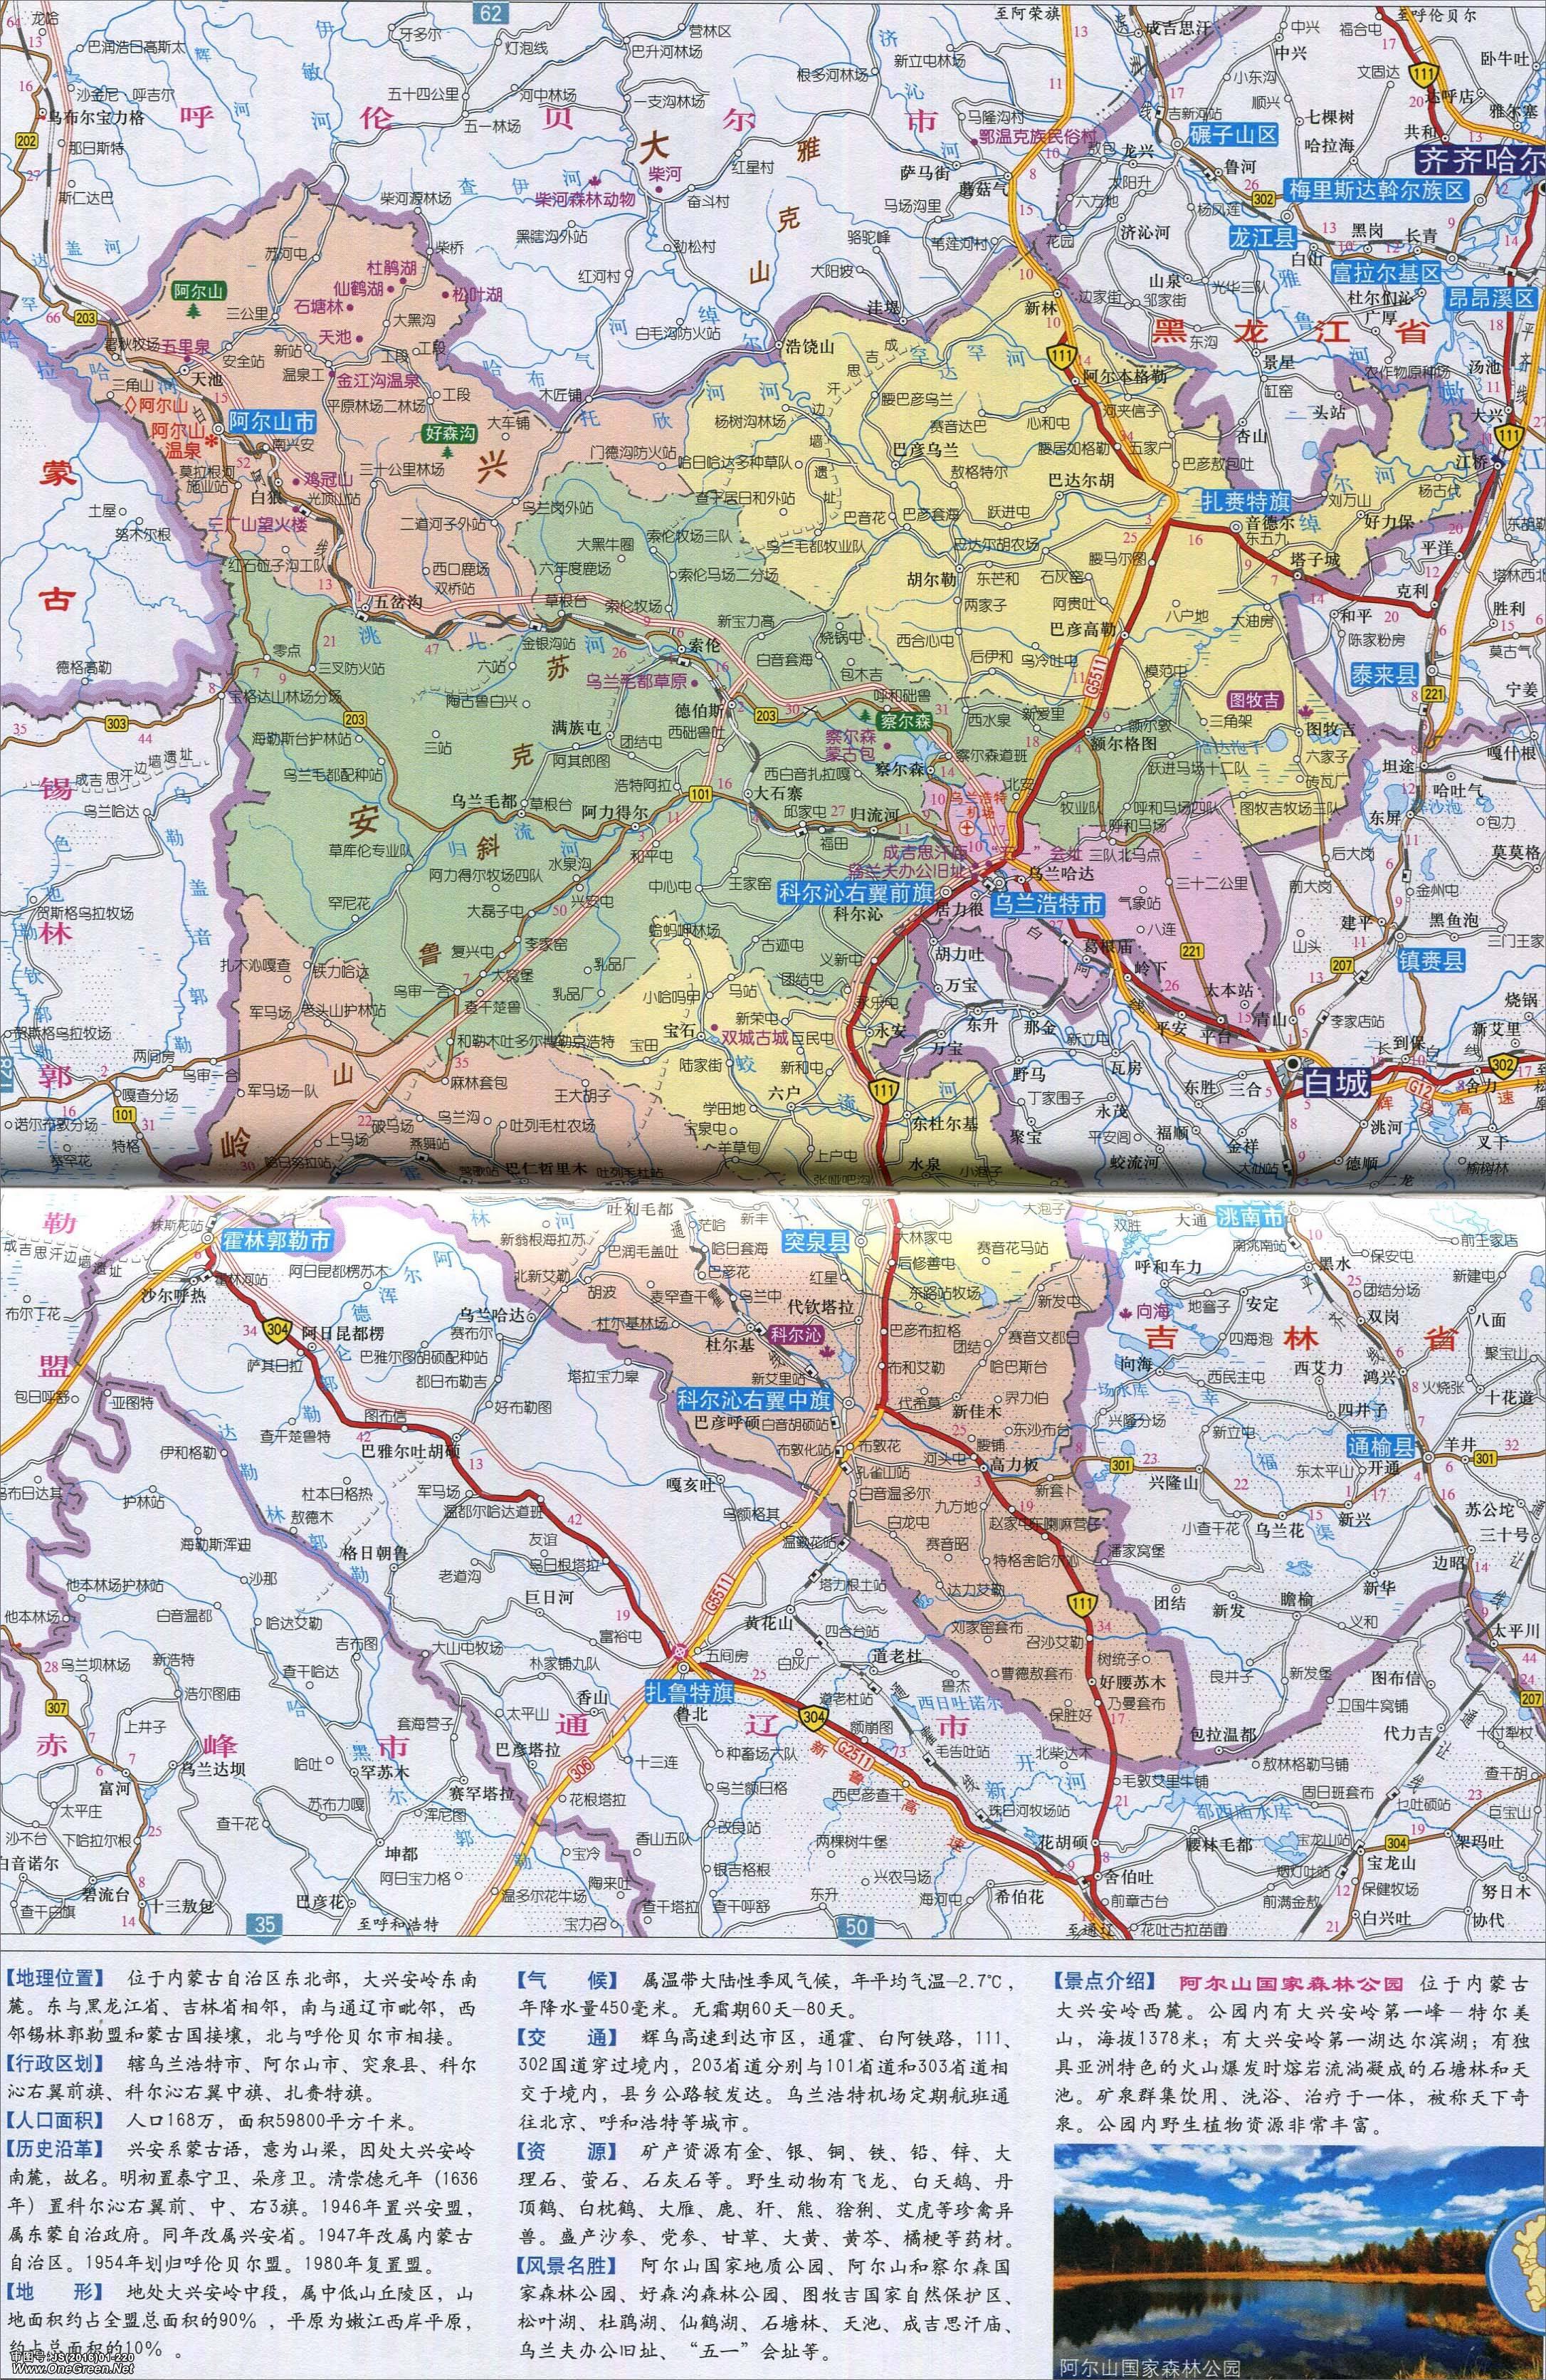 兴安盟科右中旗地图_兴安盟地图高清版_兴安盟地图库_地图窝